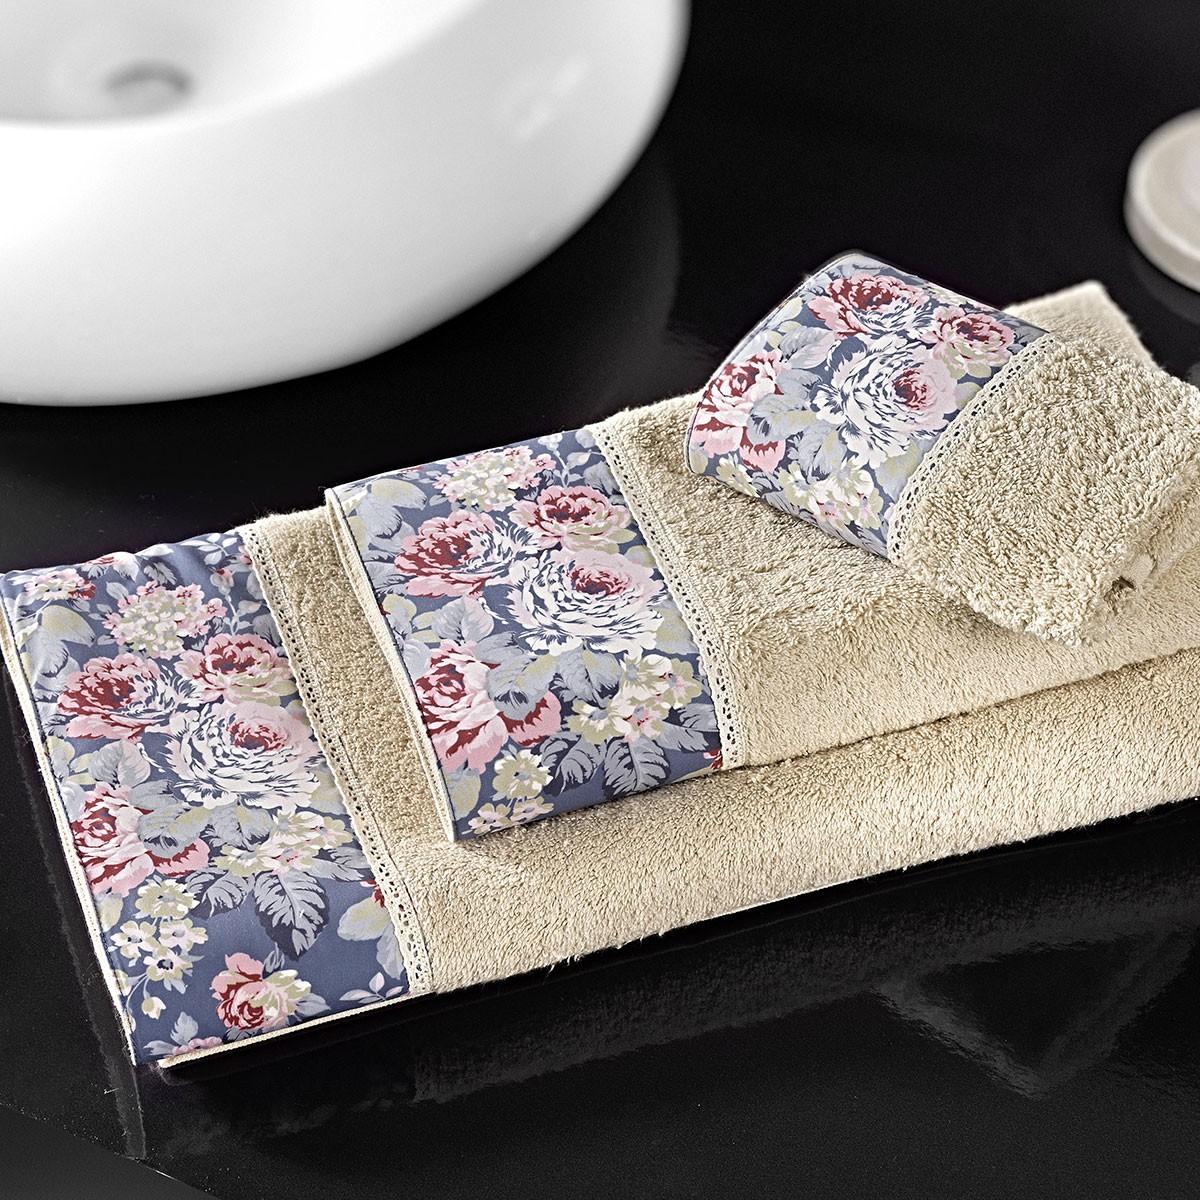 Πετσέτες Μπάνιου (Σετ 3τμχ) Nima Pintado Blossomtime